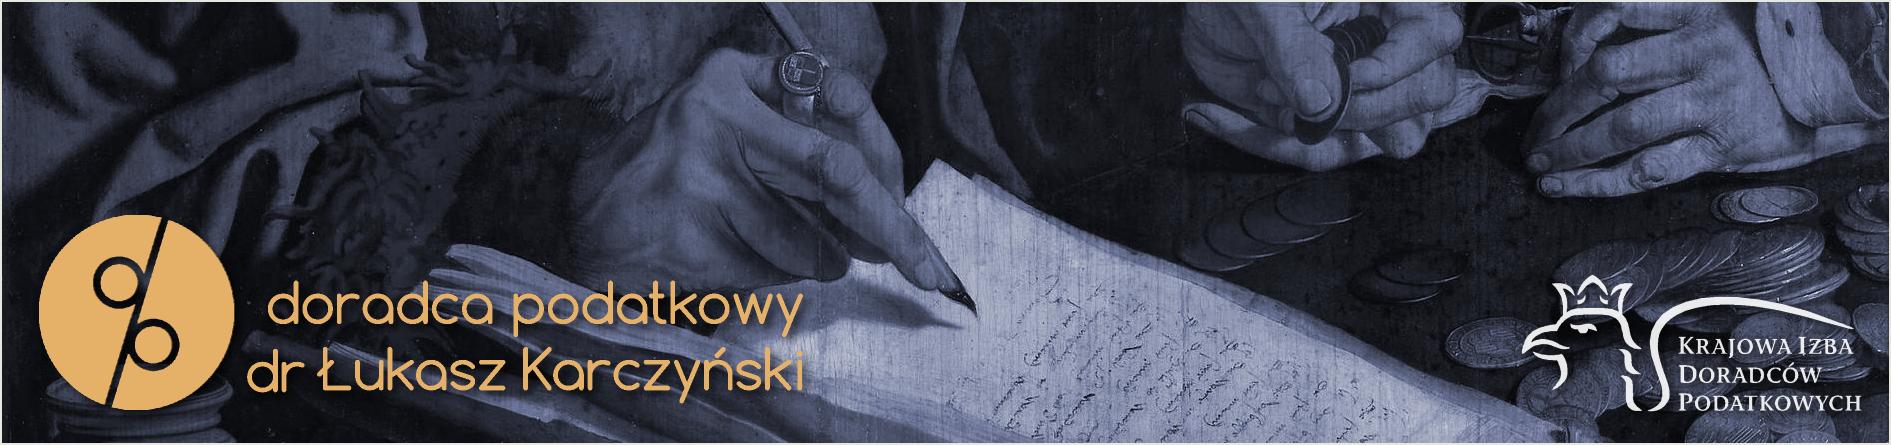 Doradztwo Podatkowe dr Łukasz Karczyński